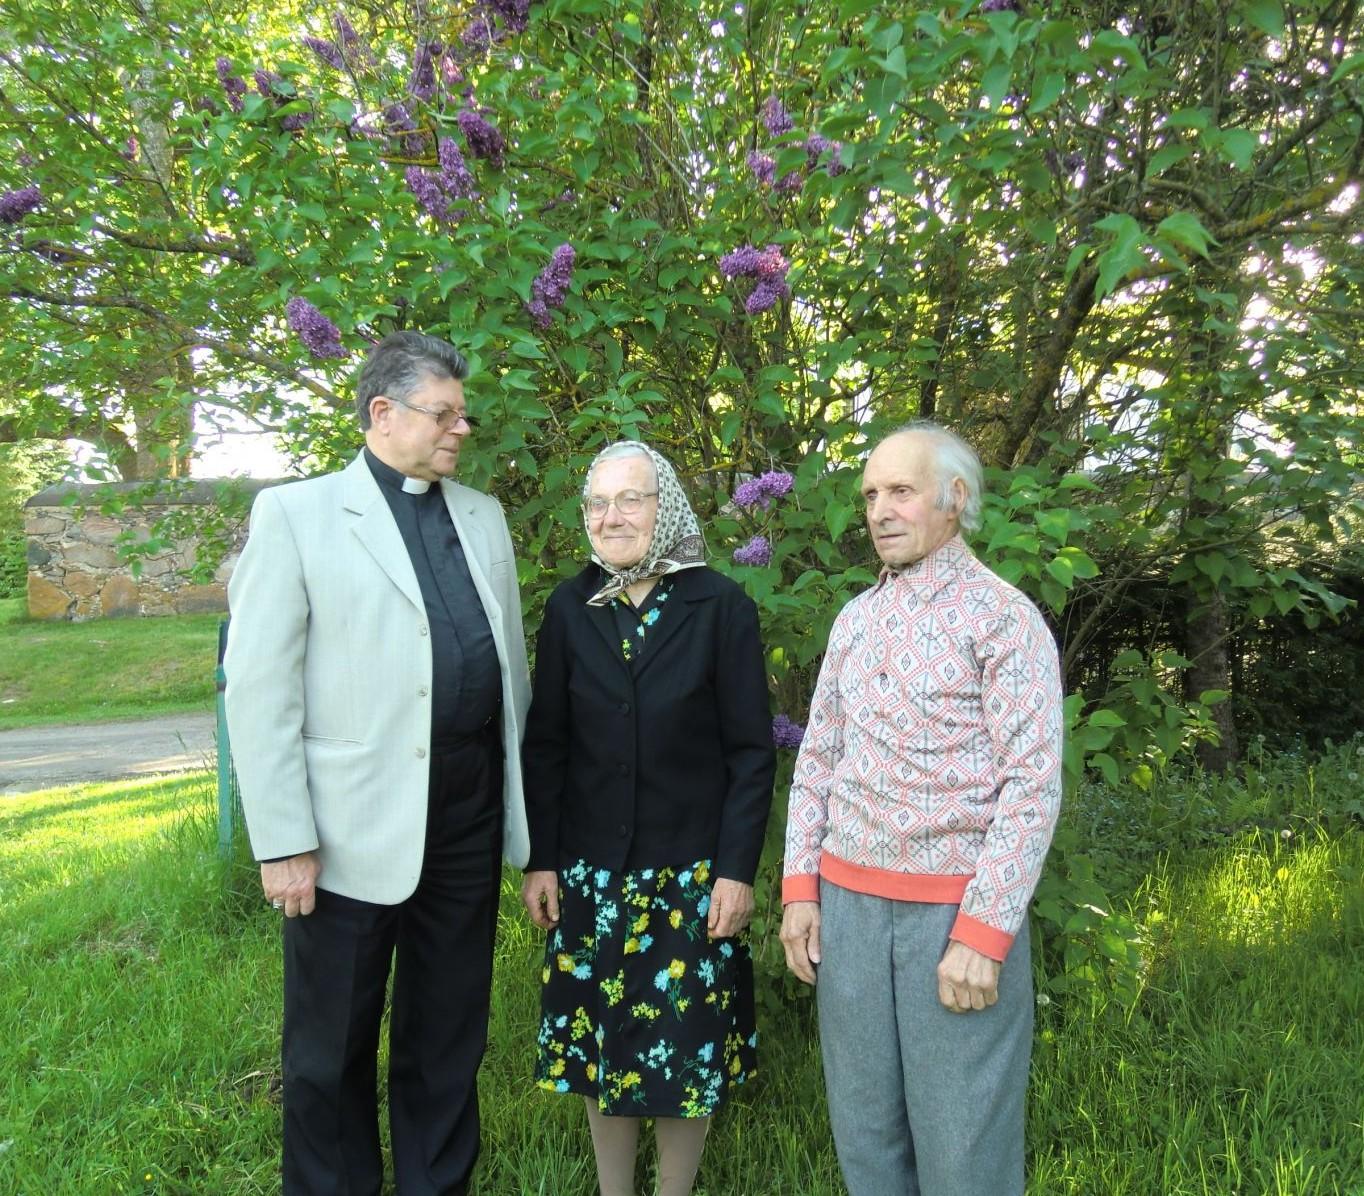 Viduryje stovi Elenutė Stuokienė, dešinėje - Bronius Stuoka su Anykščių dekanu kun. Stanislovu Krumpliausku (kairėje).